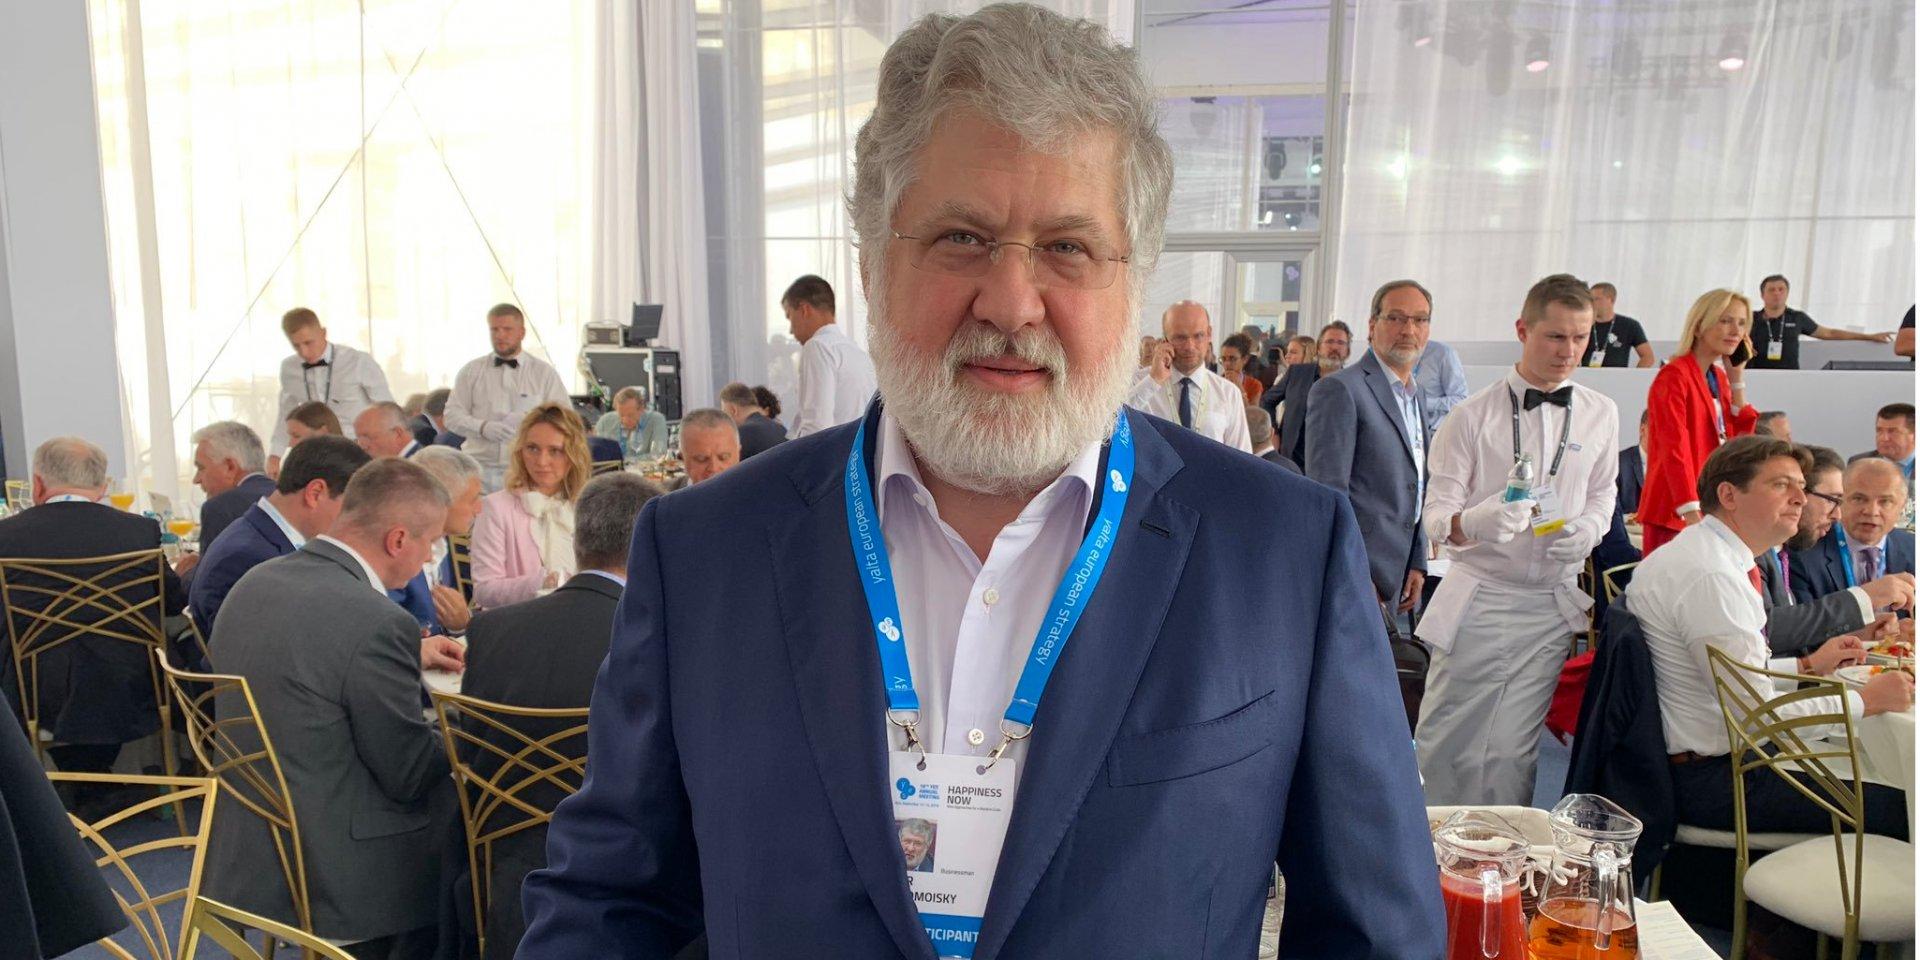 Коломойский готов пойти на мировую в деле ПриватБанка – детали требований олигарха